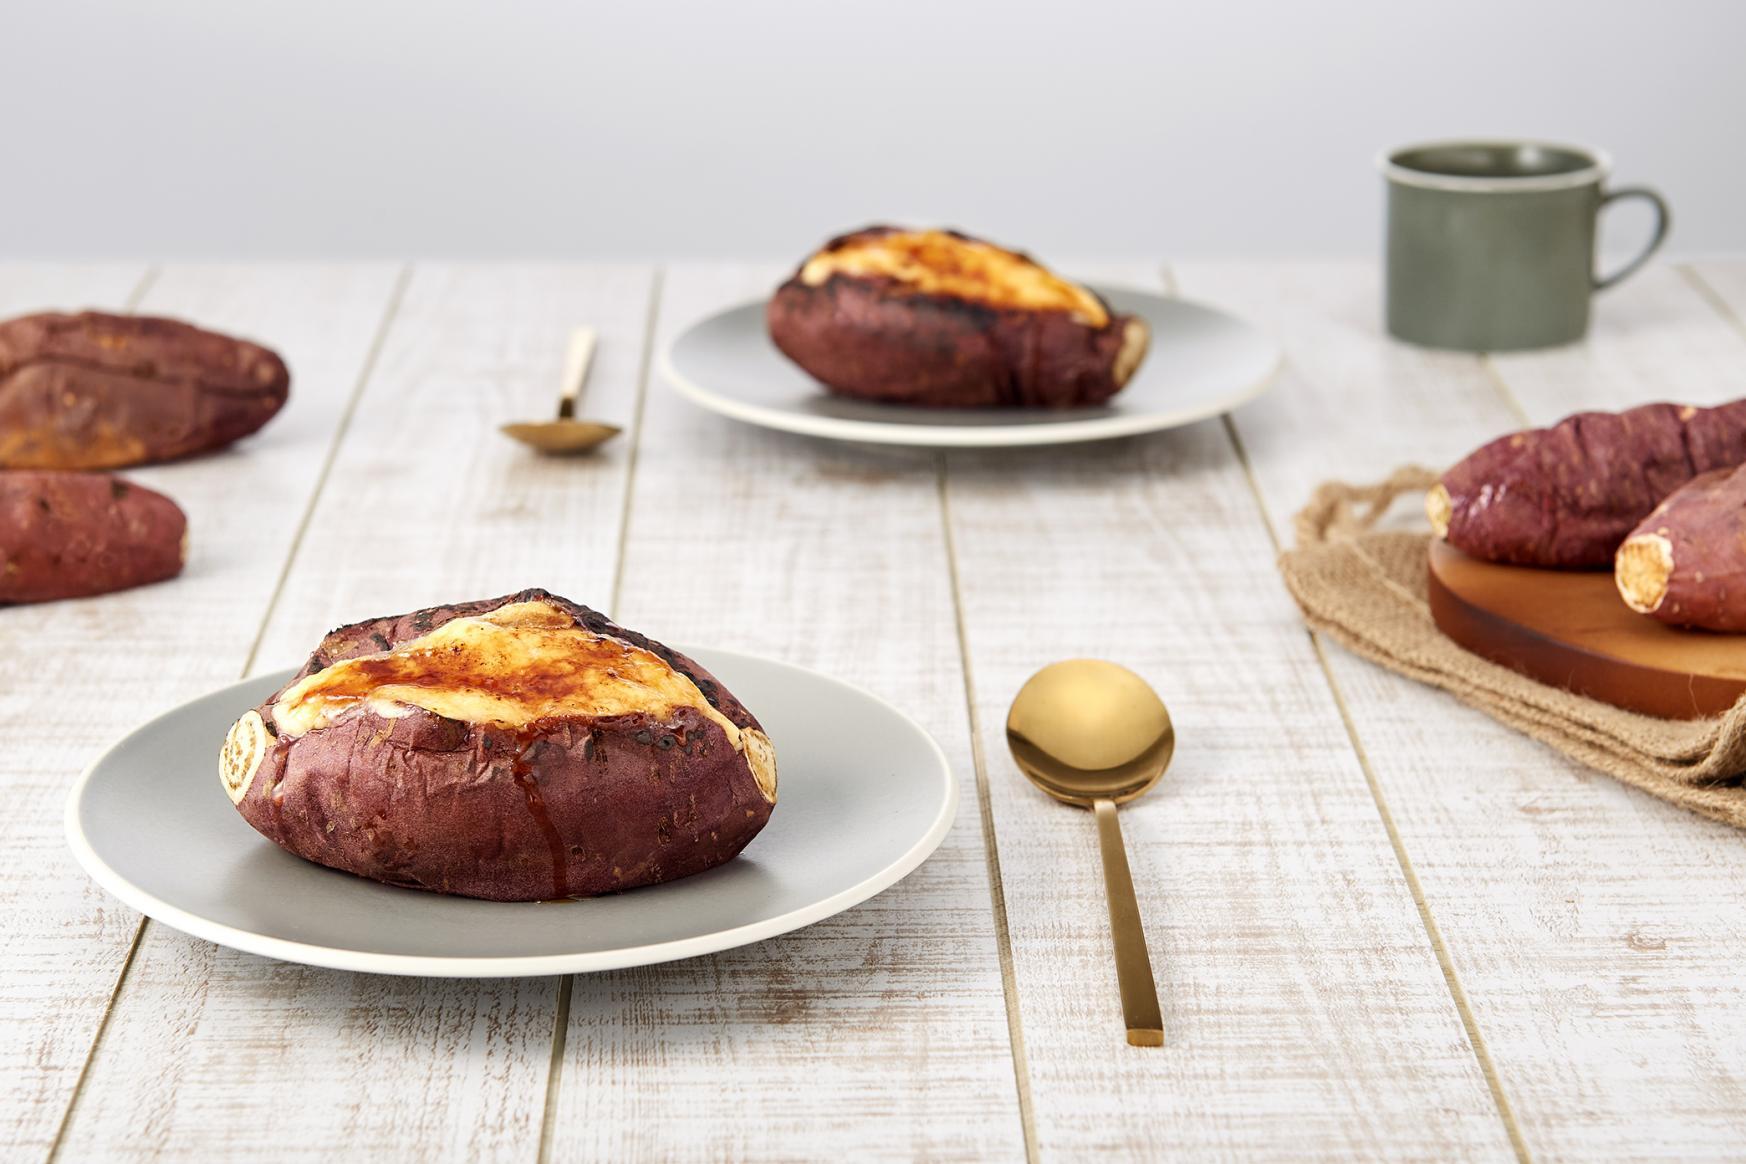 焼き芋&スイーツ専門店3515-5